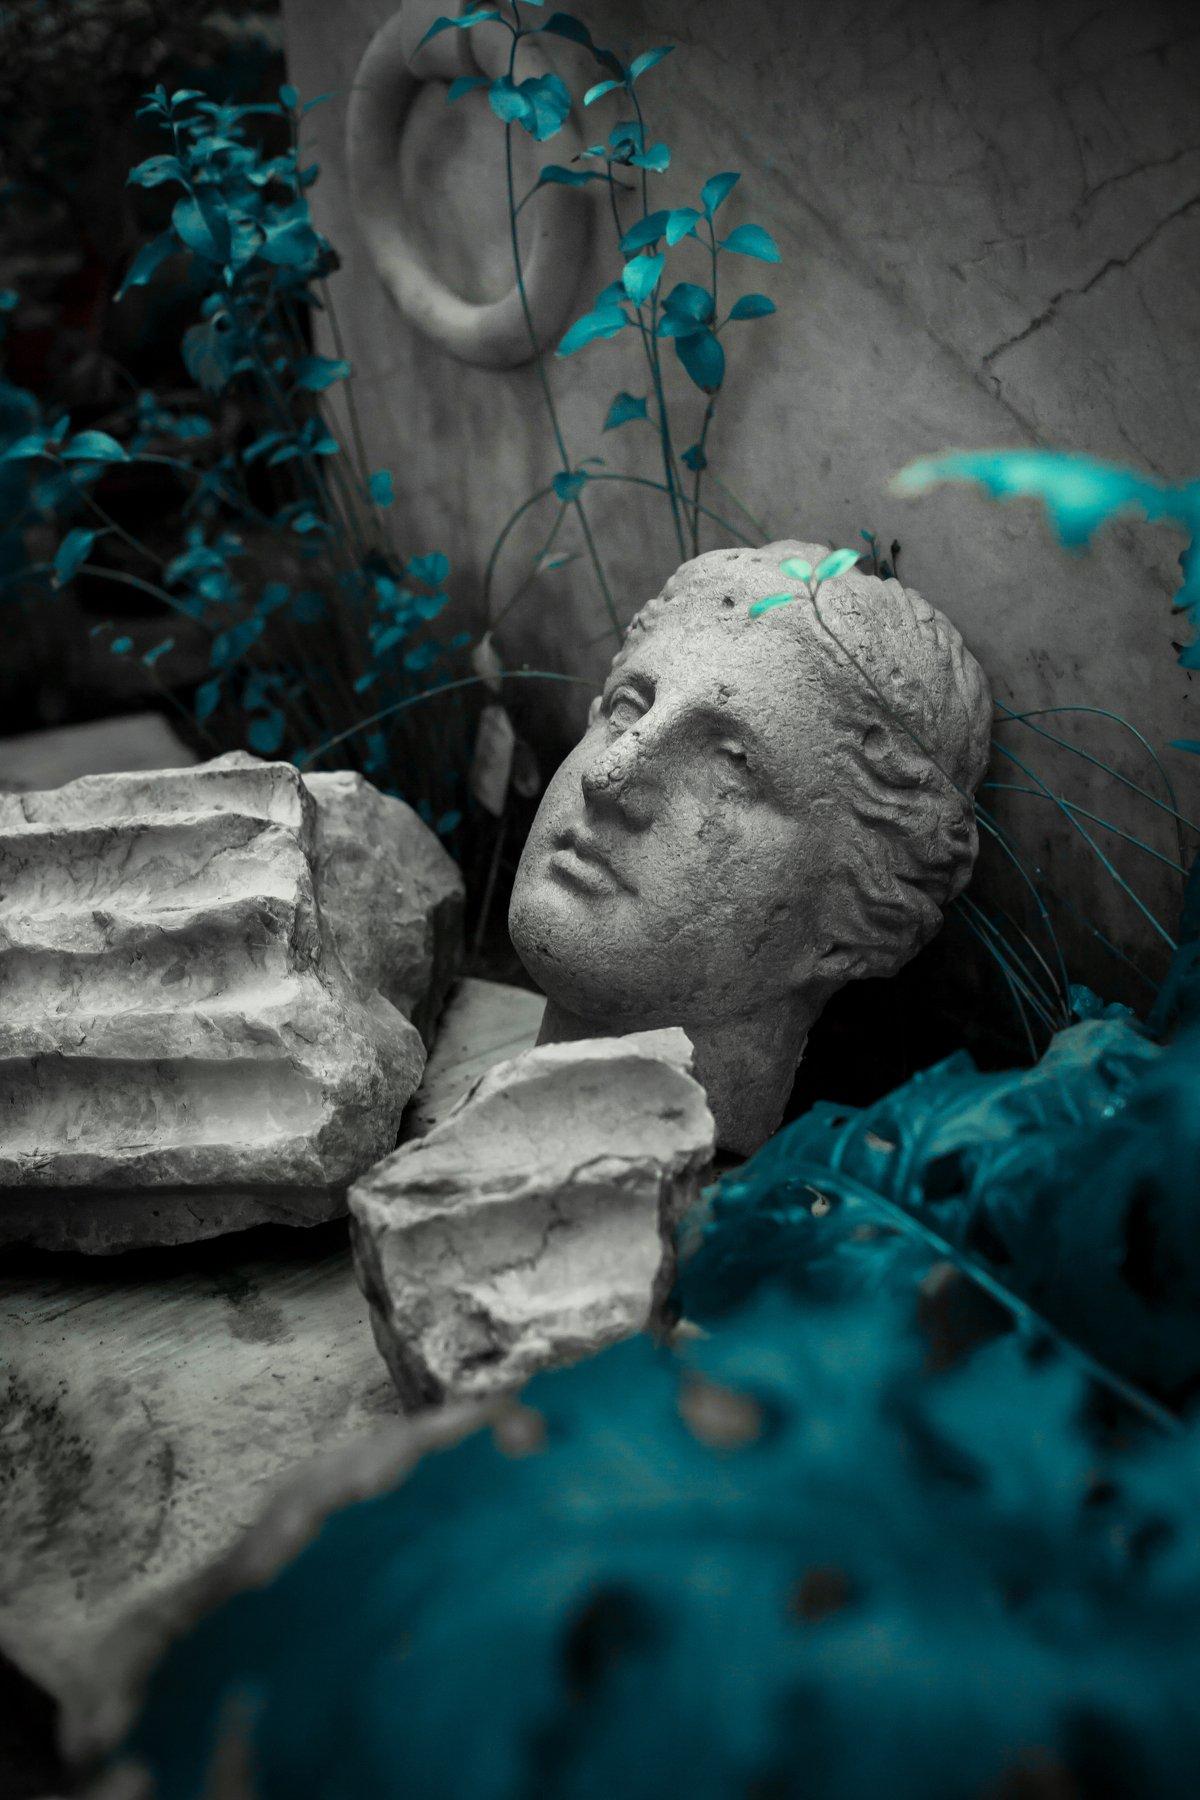 гипс, голова, венера, питер, город, санкт-петербург, ботаническийсад, растения, зелень, сад, красиво, скульптура, искусство, Кайсина Ирина